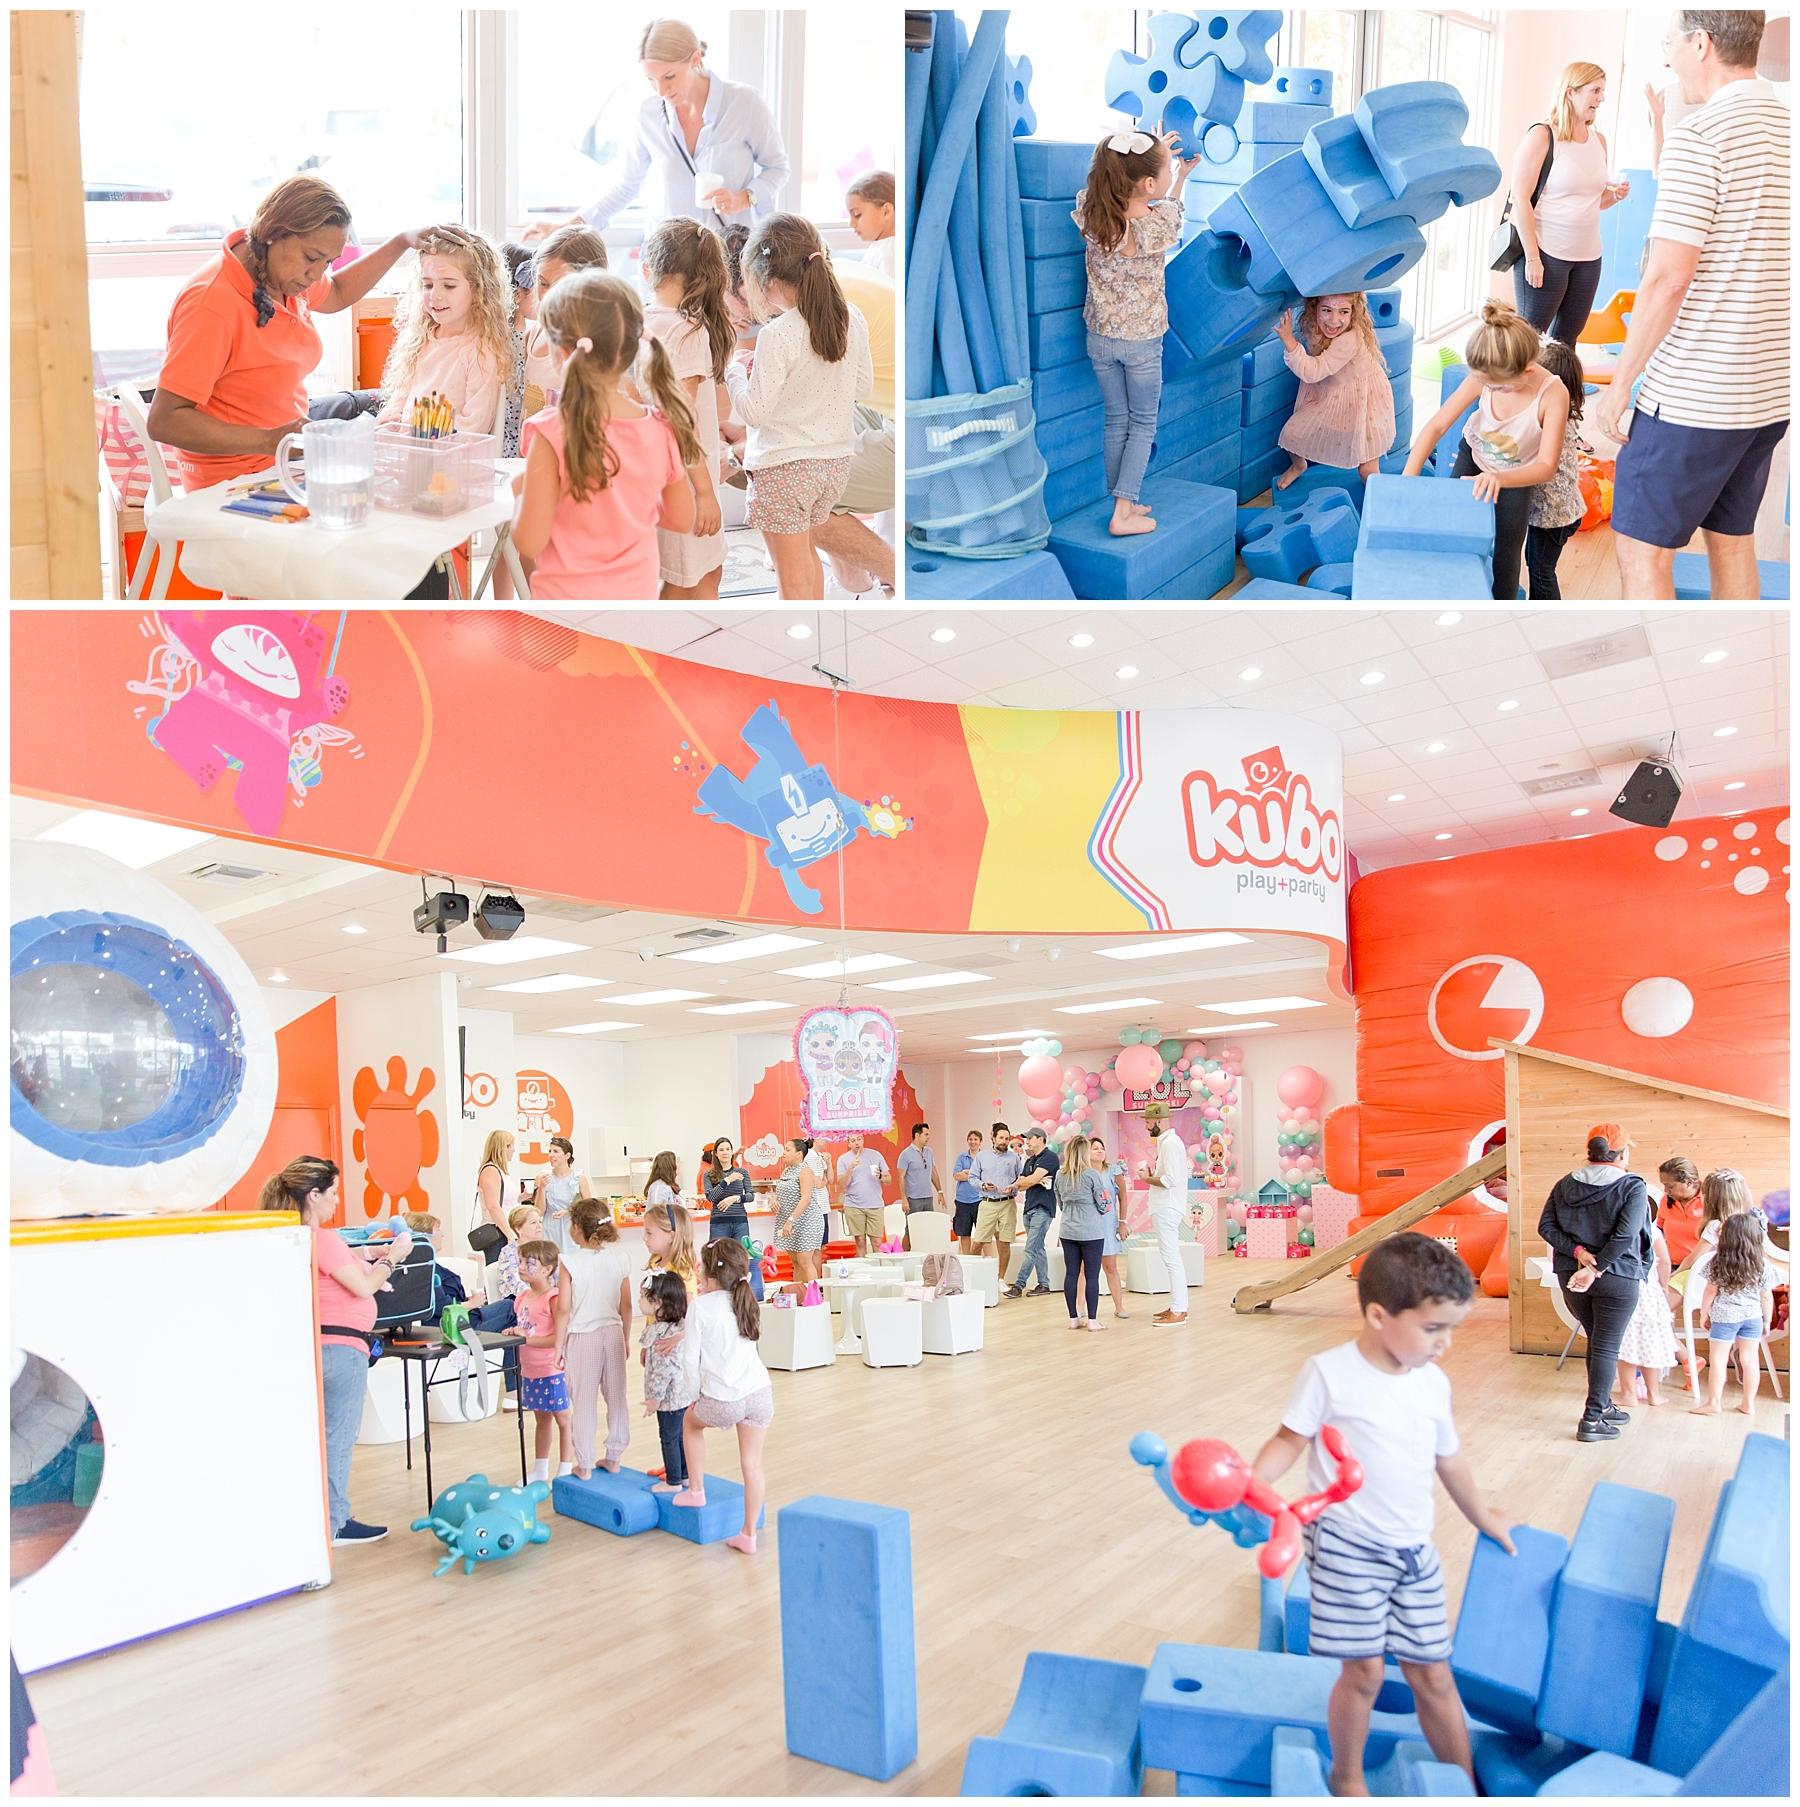 Kids having fun in Kubo Play Kendall